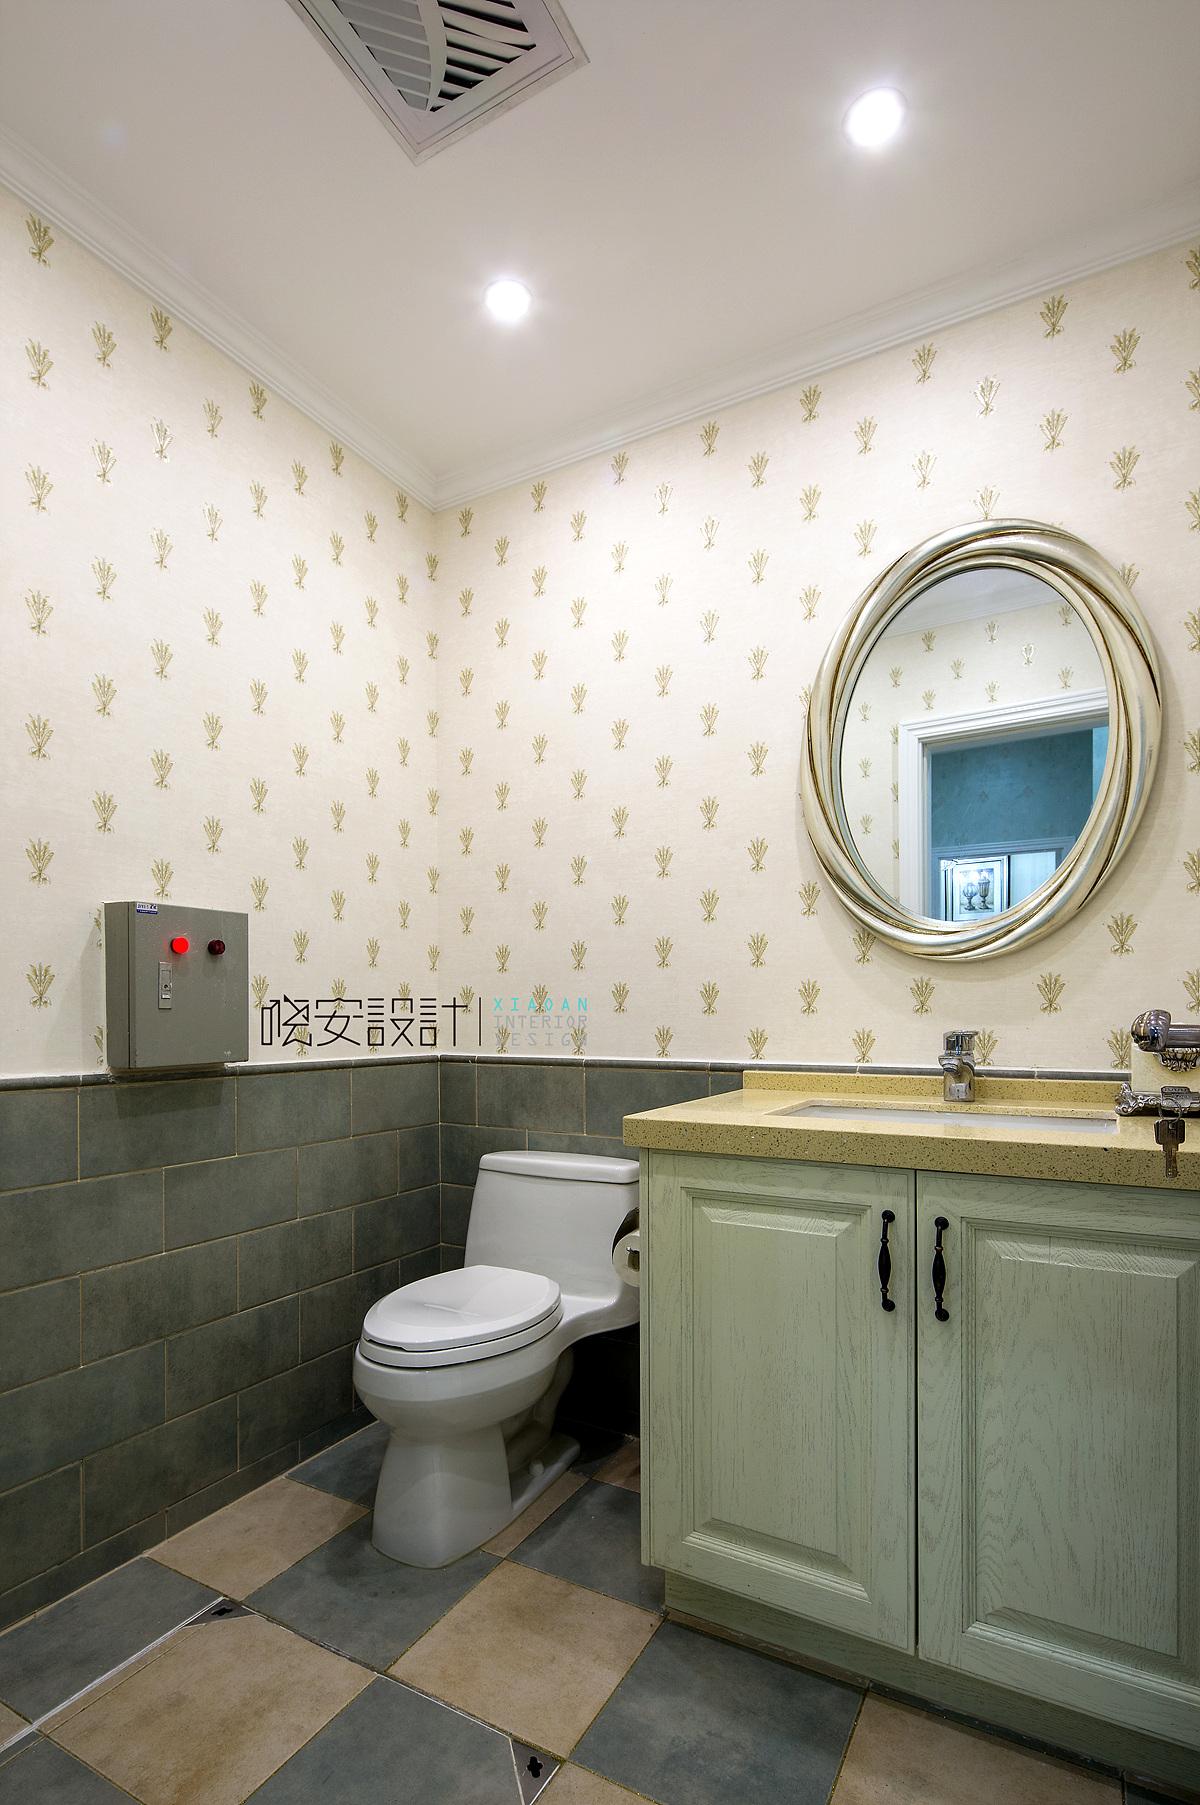 混搭 别墅 收纳 小资 卫生间图片来自周晓安在中信森林湖的分享